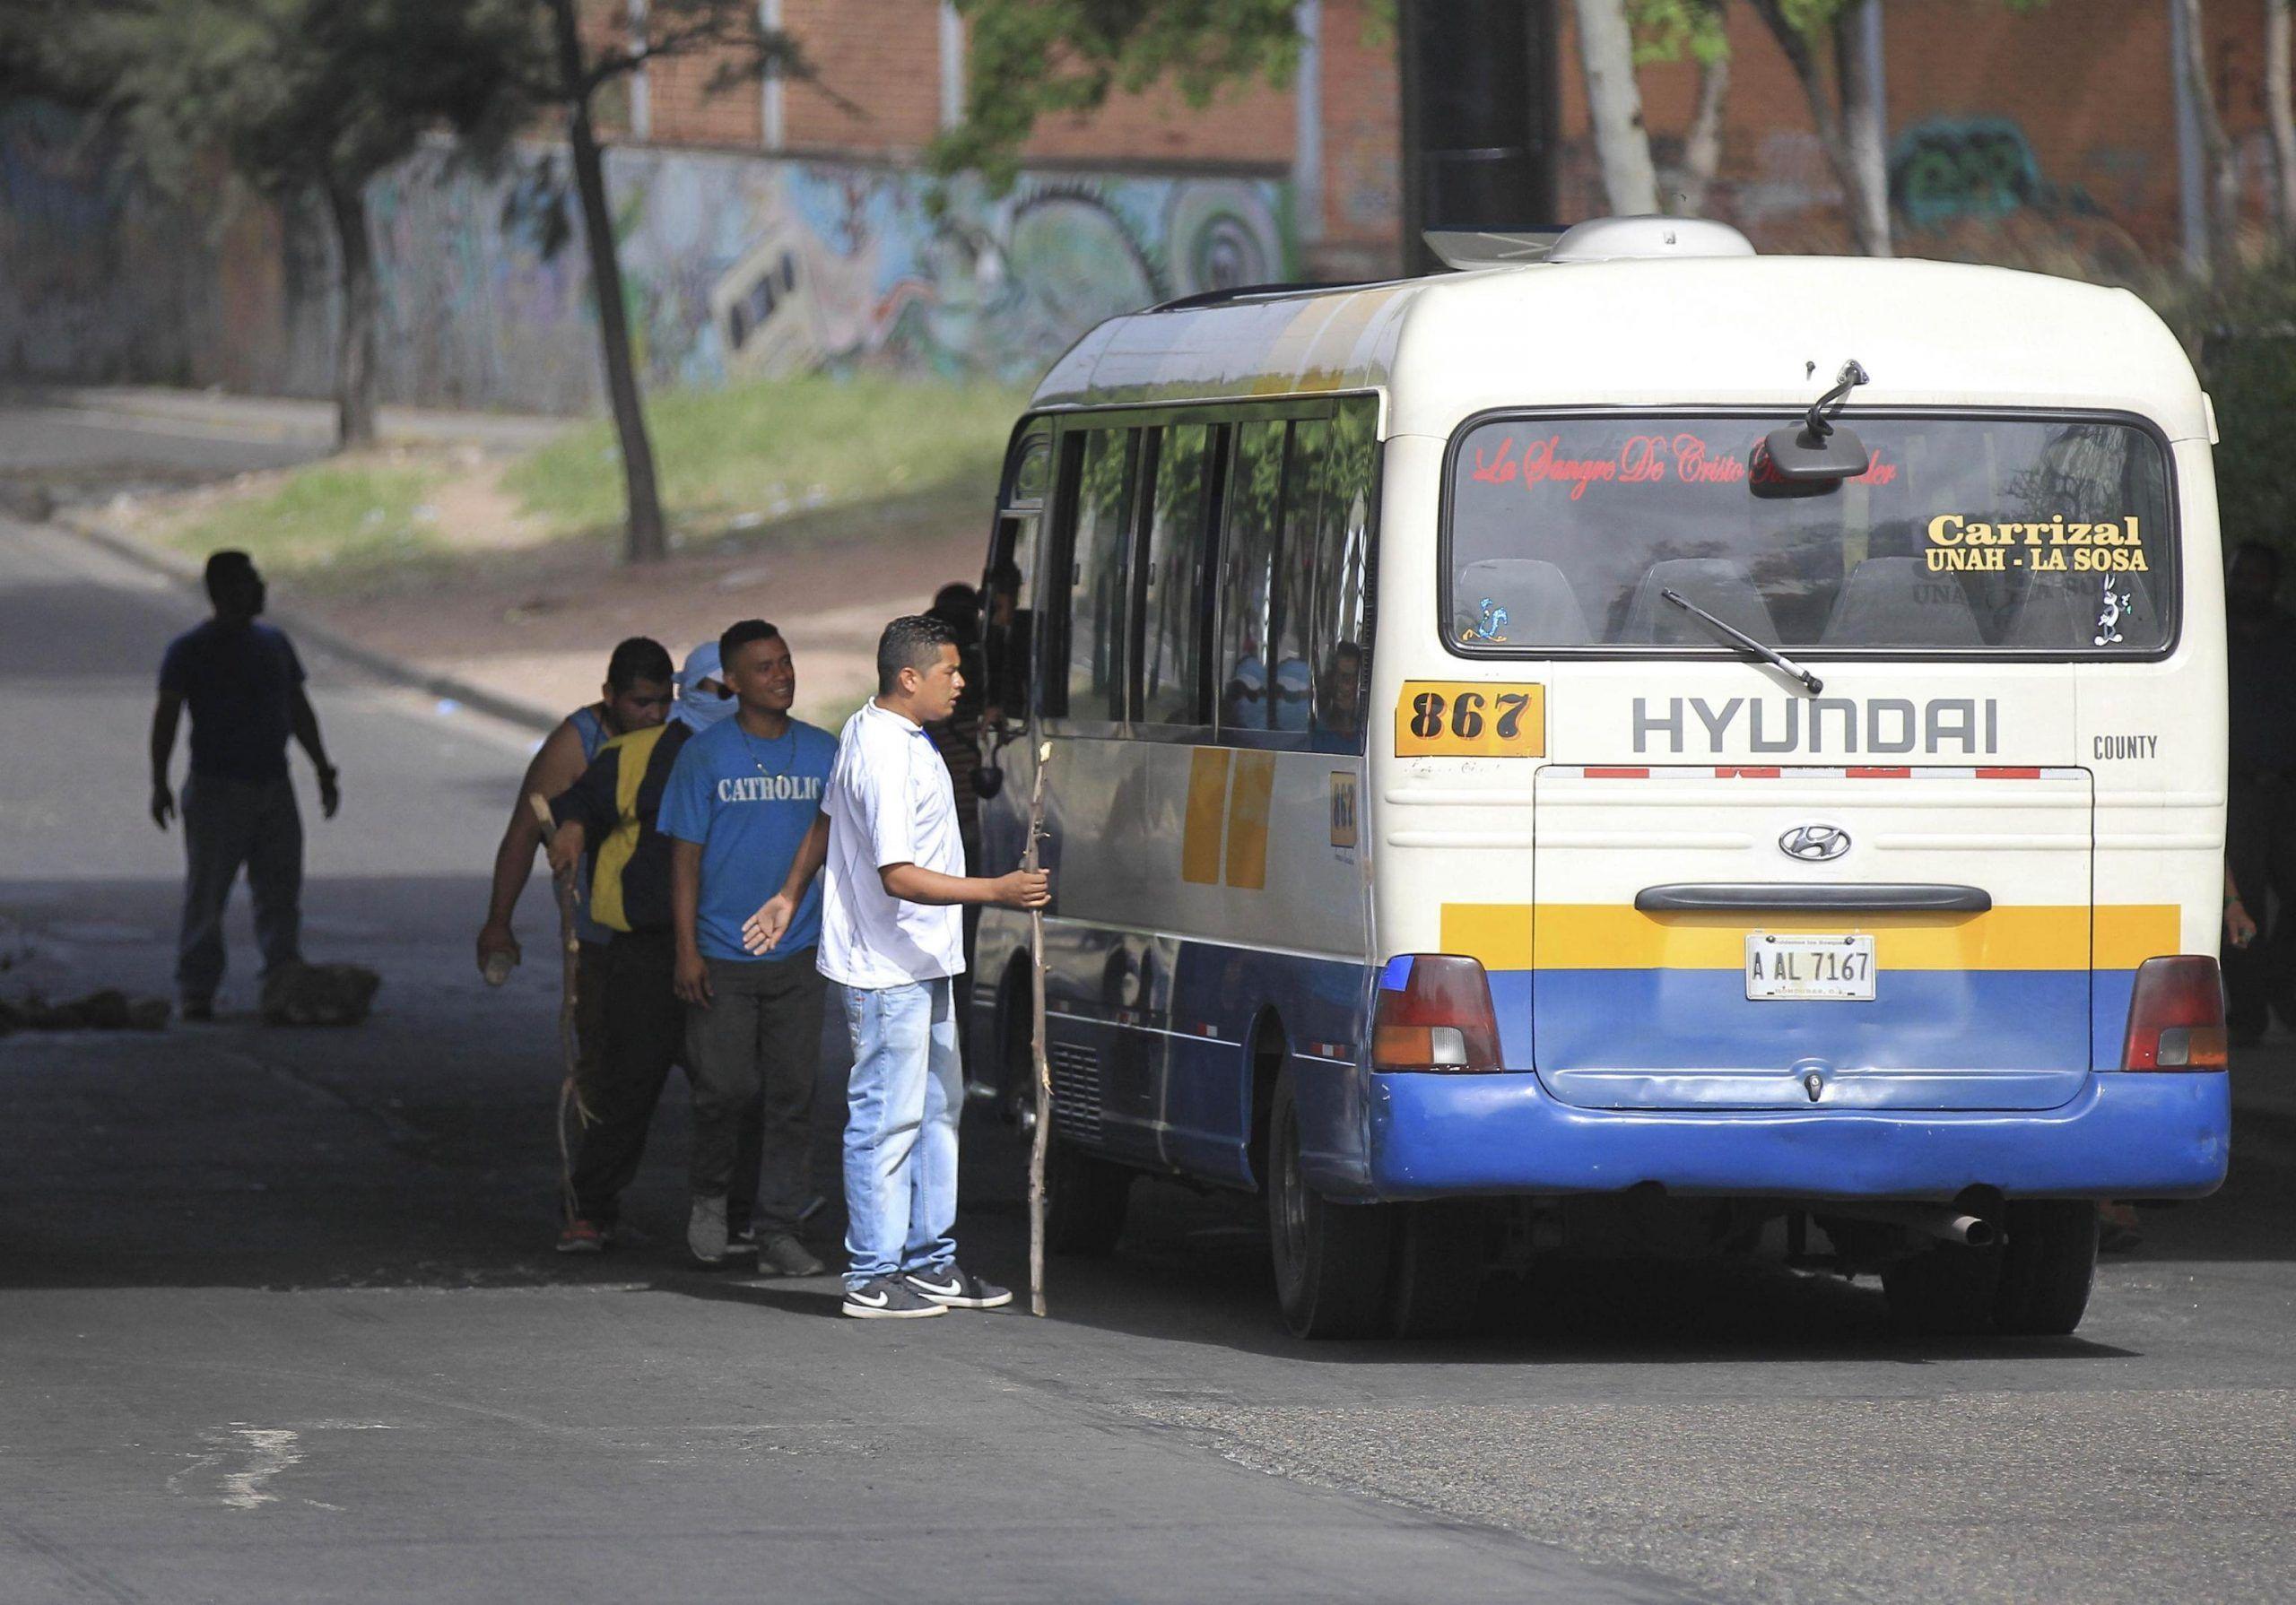 Autista di autobus aggredito da un cittadino extracomunitario: il clima di odio razziale continua a generare violenza